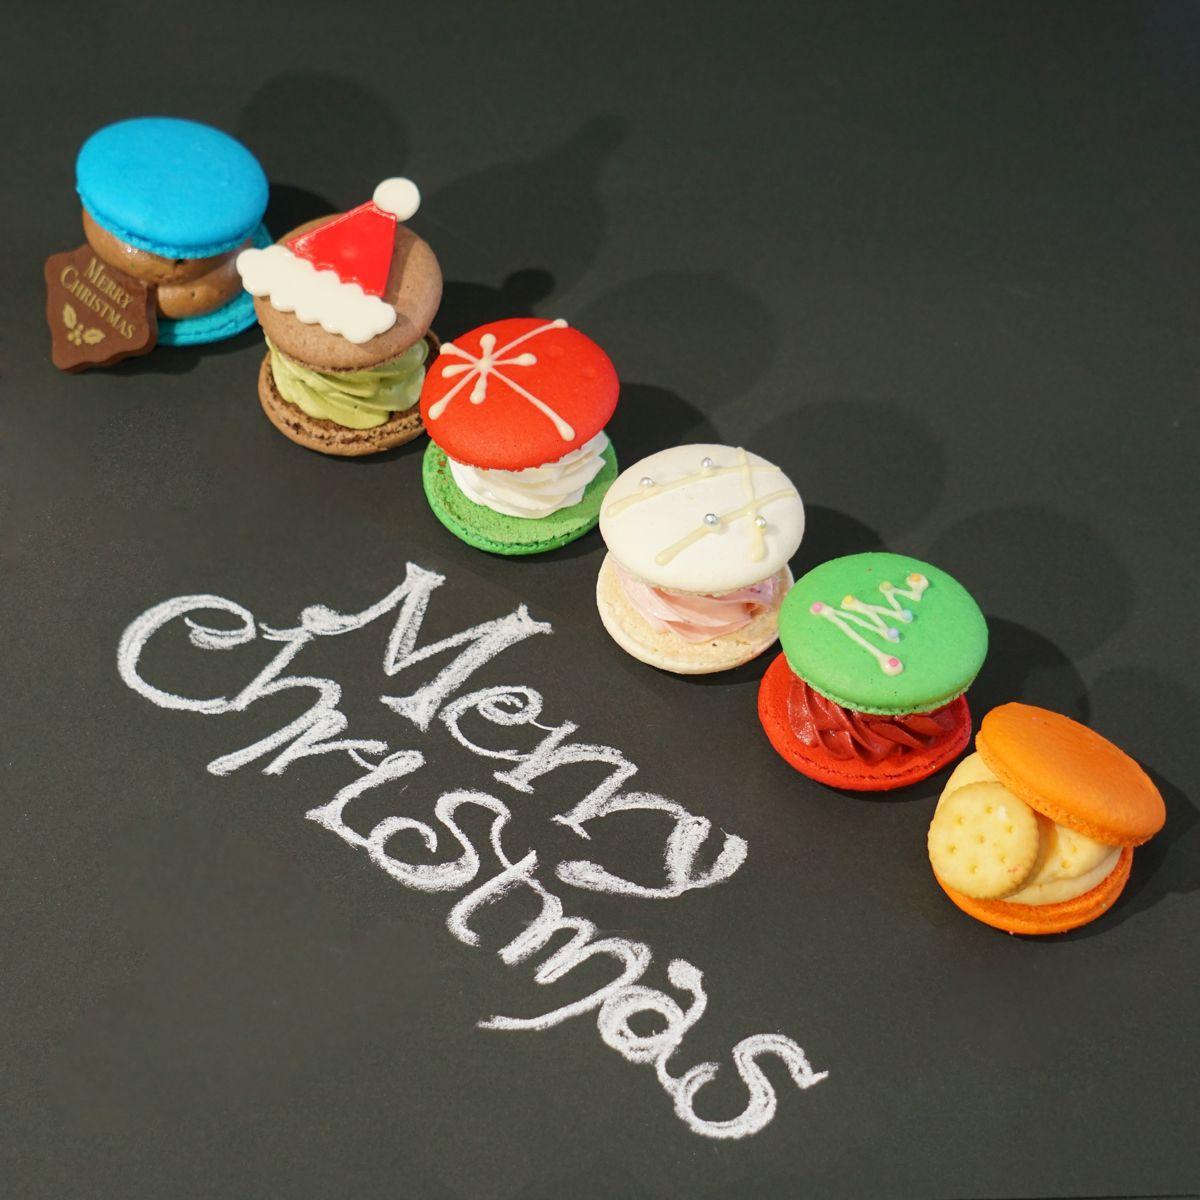 お取り寄せ(楽天) トゥンカロン 韓国マカロン スイーツ 6個入 クリスマス 価格4,280円 (税込)